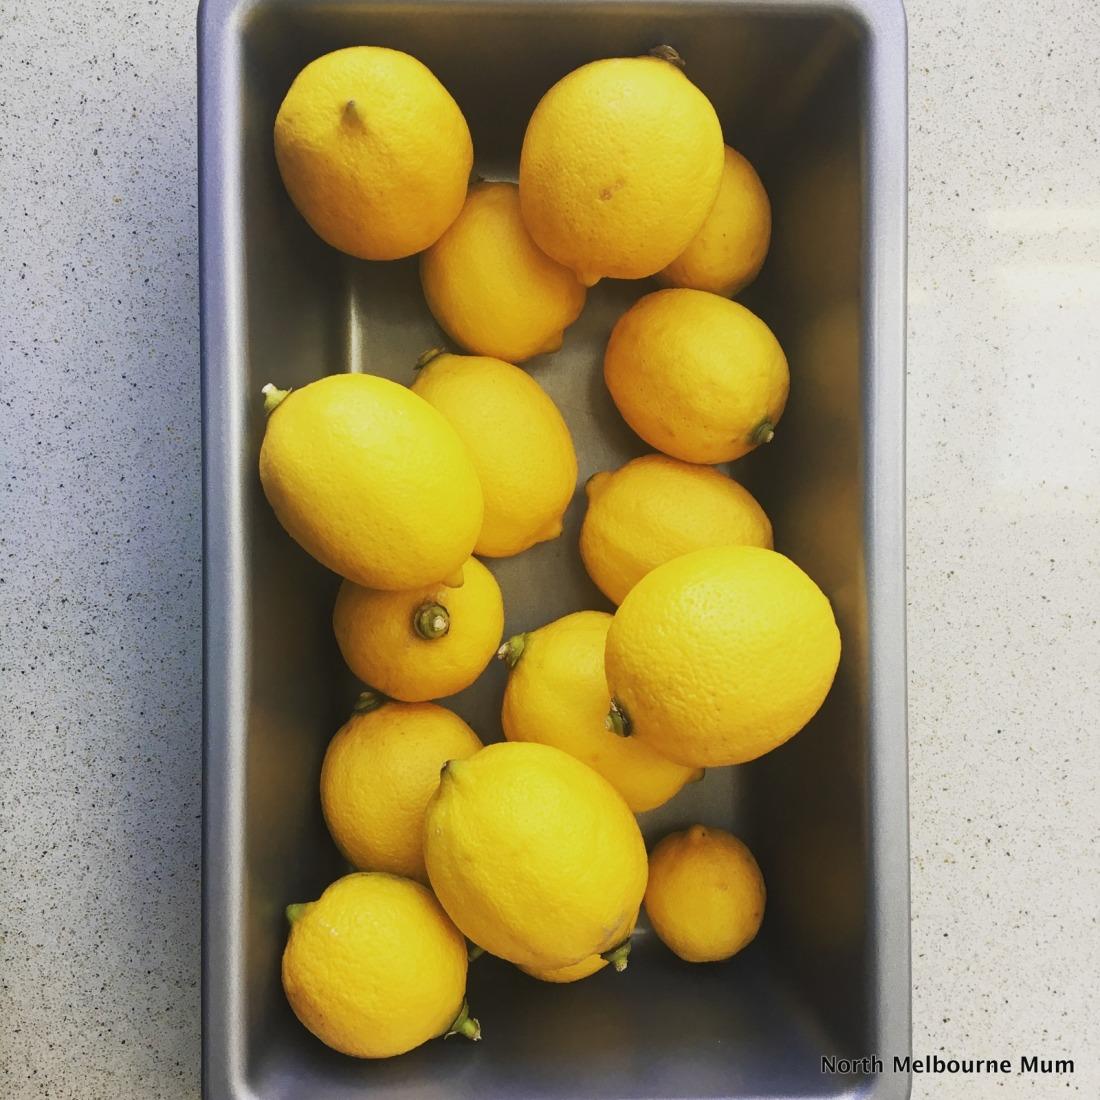 Lemons north melbourne